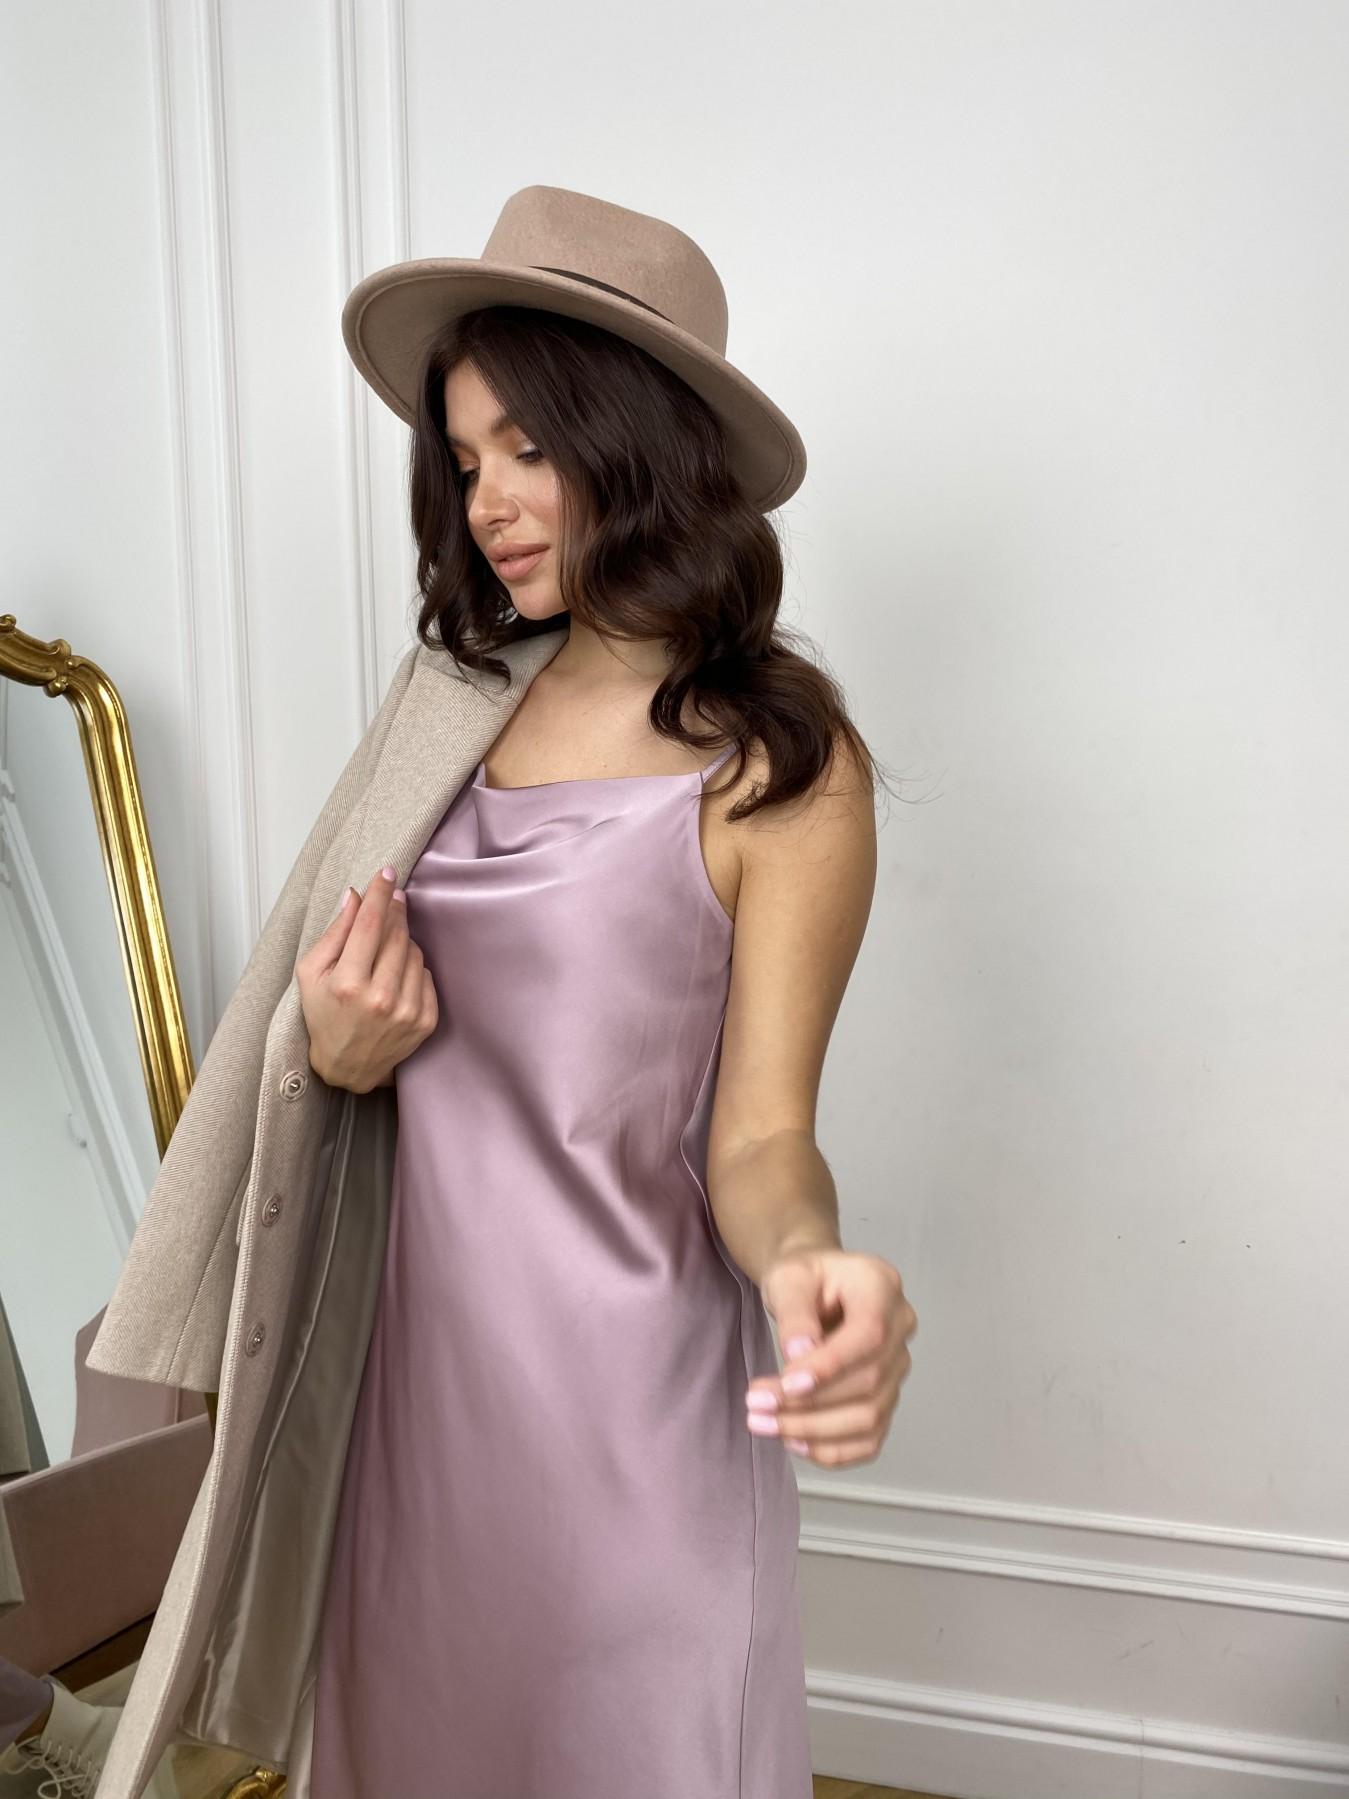 Камая Лайт платье из шелка 10611 АРТ. 46985 Цвет: Пудра - фото 7, интернет магазин tm-modus.ru